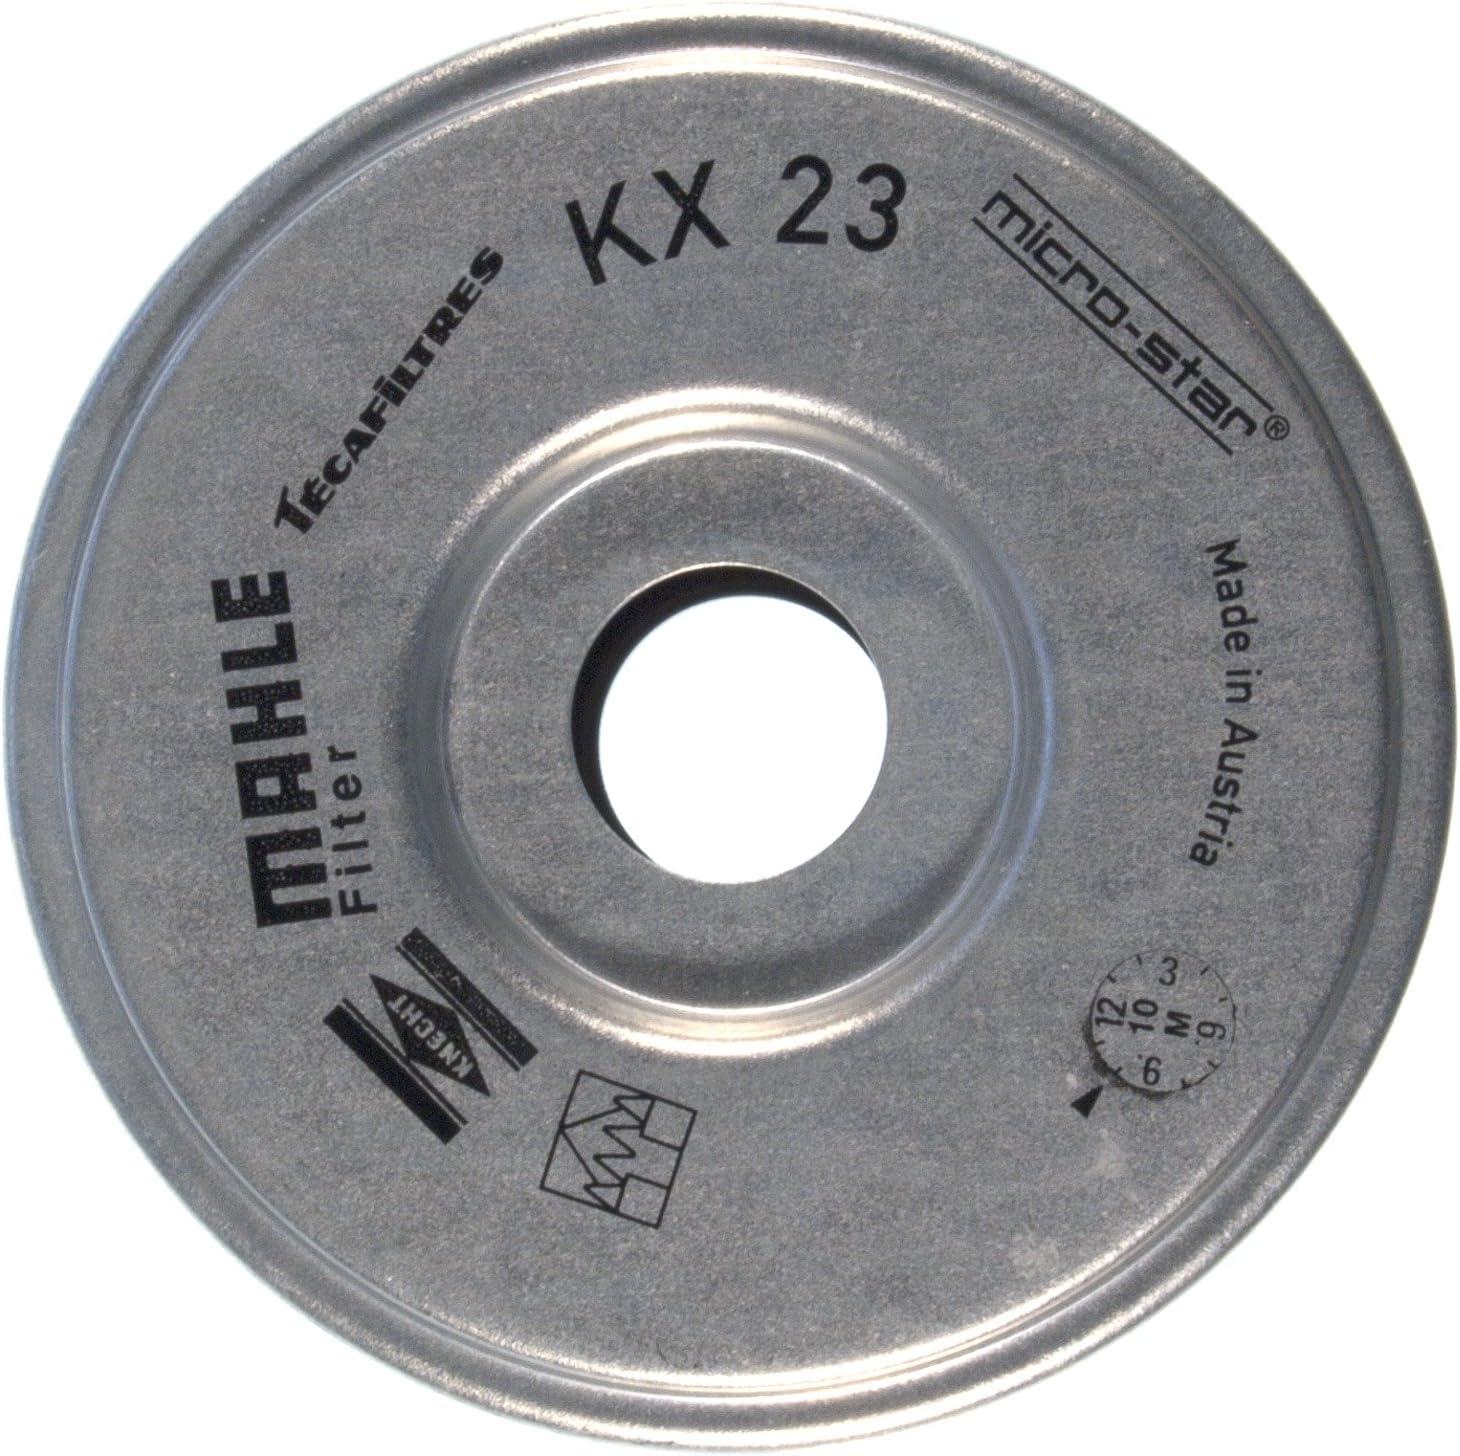 Filtro Carburante Knecht KX 23